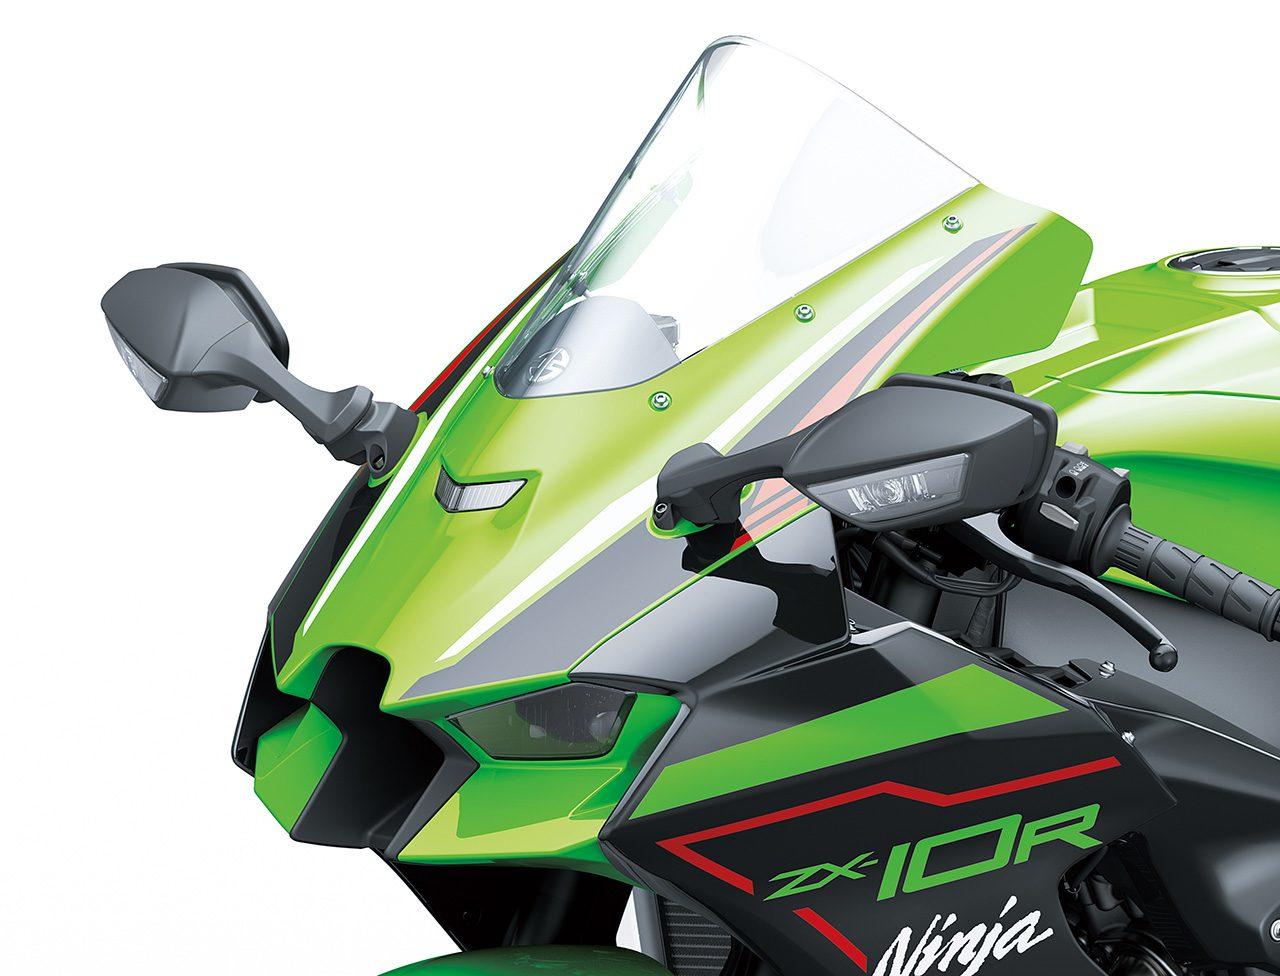 カワサキZX-10R/ZX-10RRの開発はSBKにフォーカス「レースで速いバイクは初心者にも乗りやすい」/開発者インタビュー